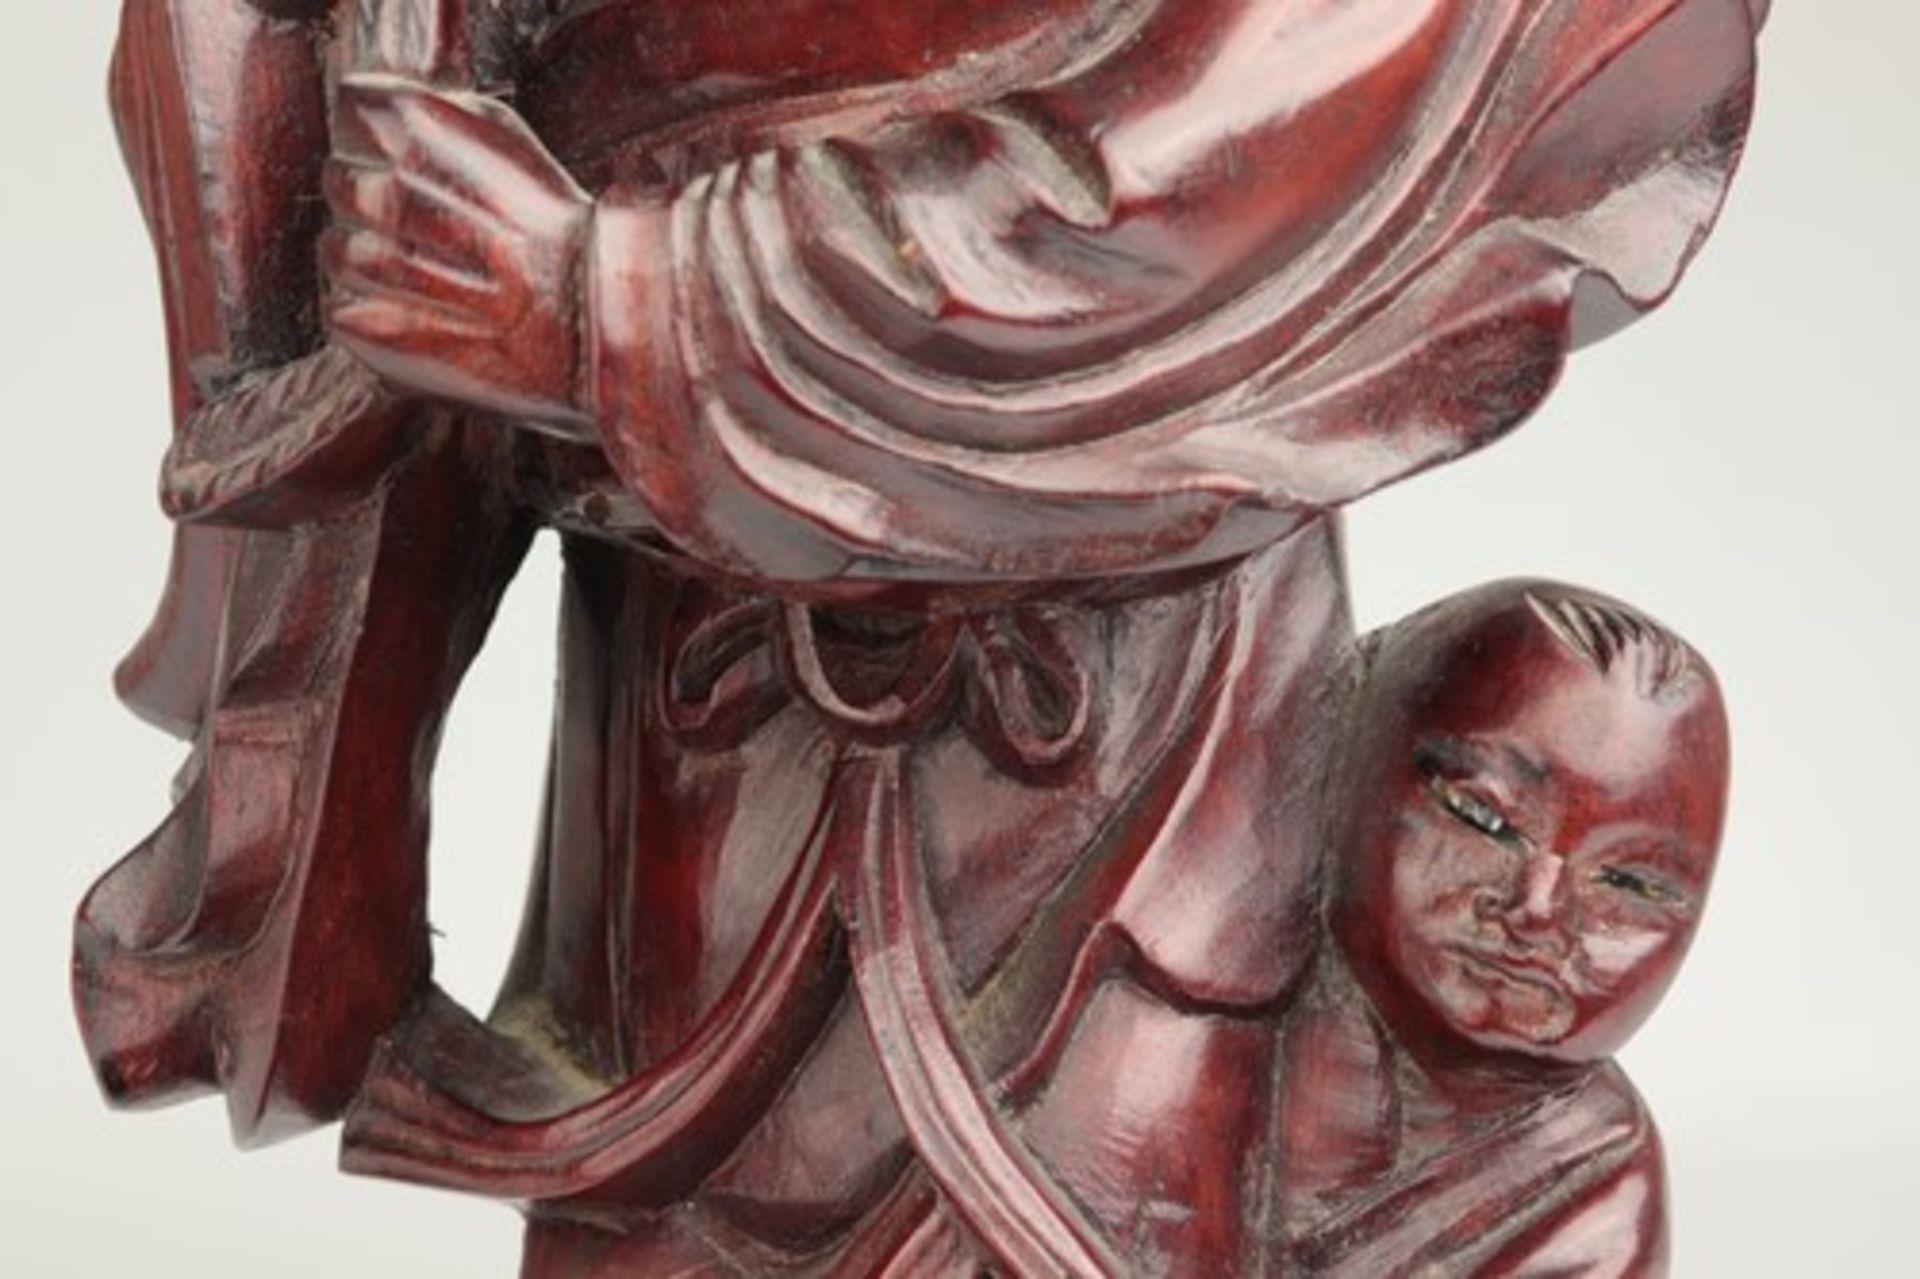 Los 1836 - Holzfigur - China20.Jh., vollplastische Holzschnitzerei, Hartholz, Glasaugen, Fischer m. einem